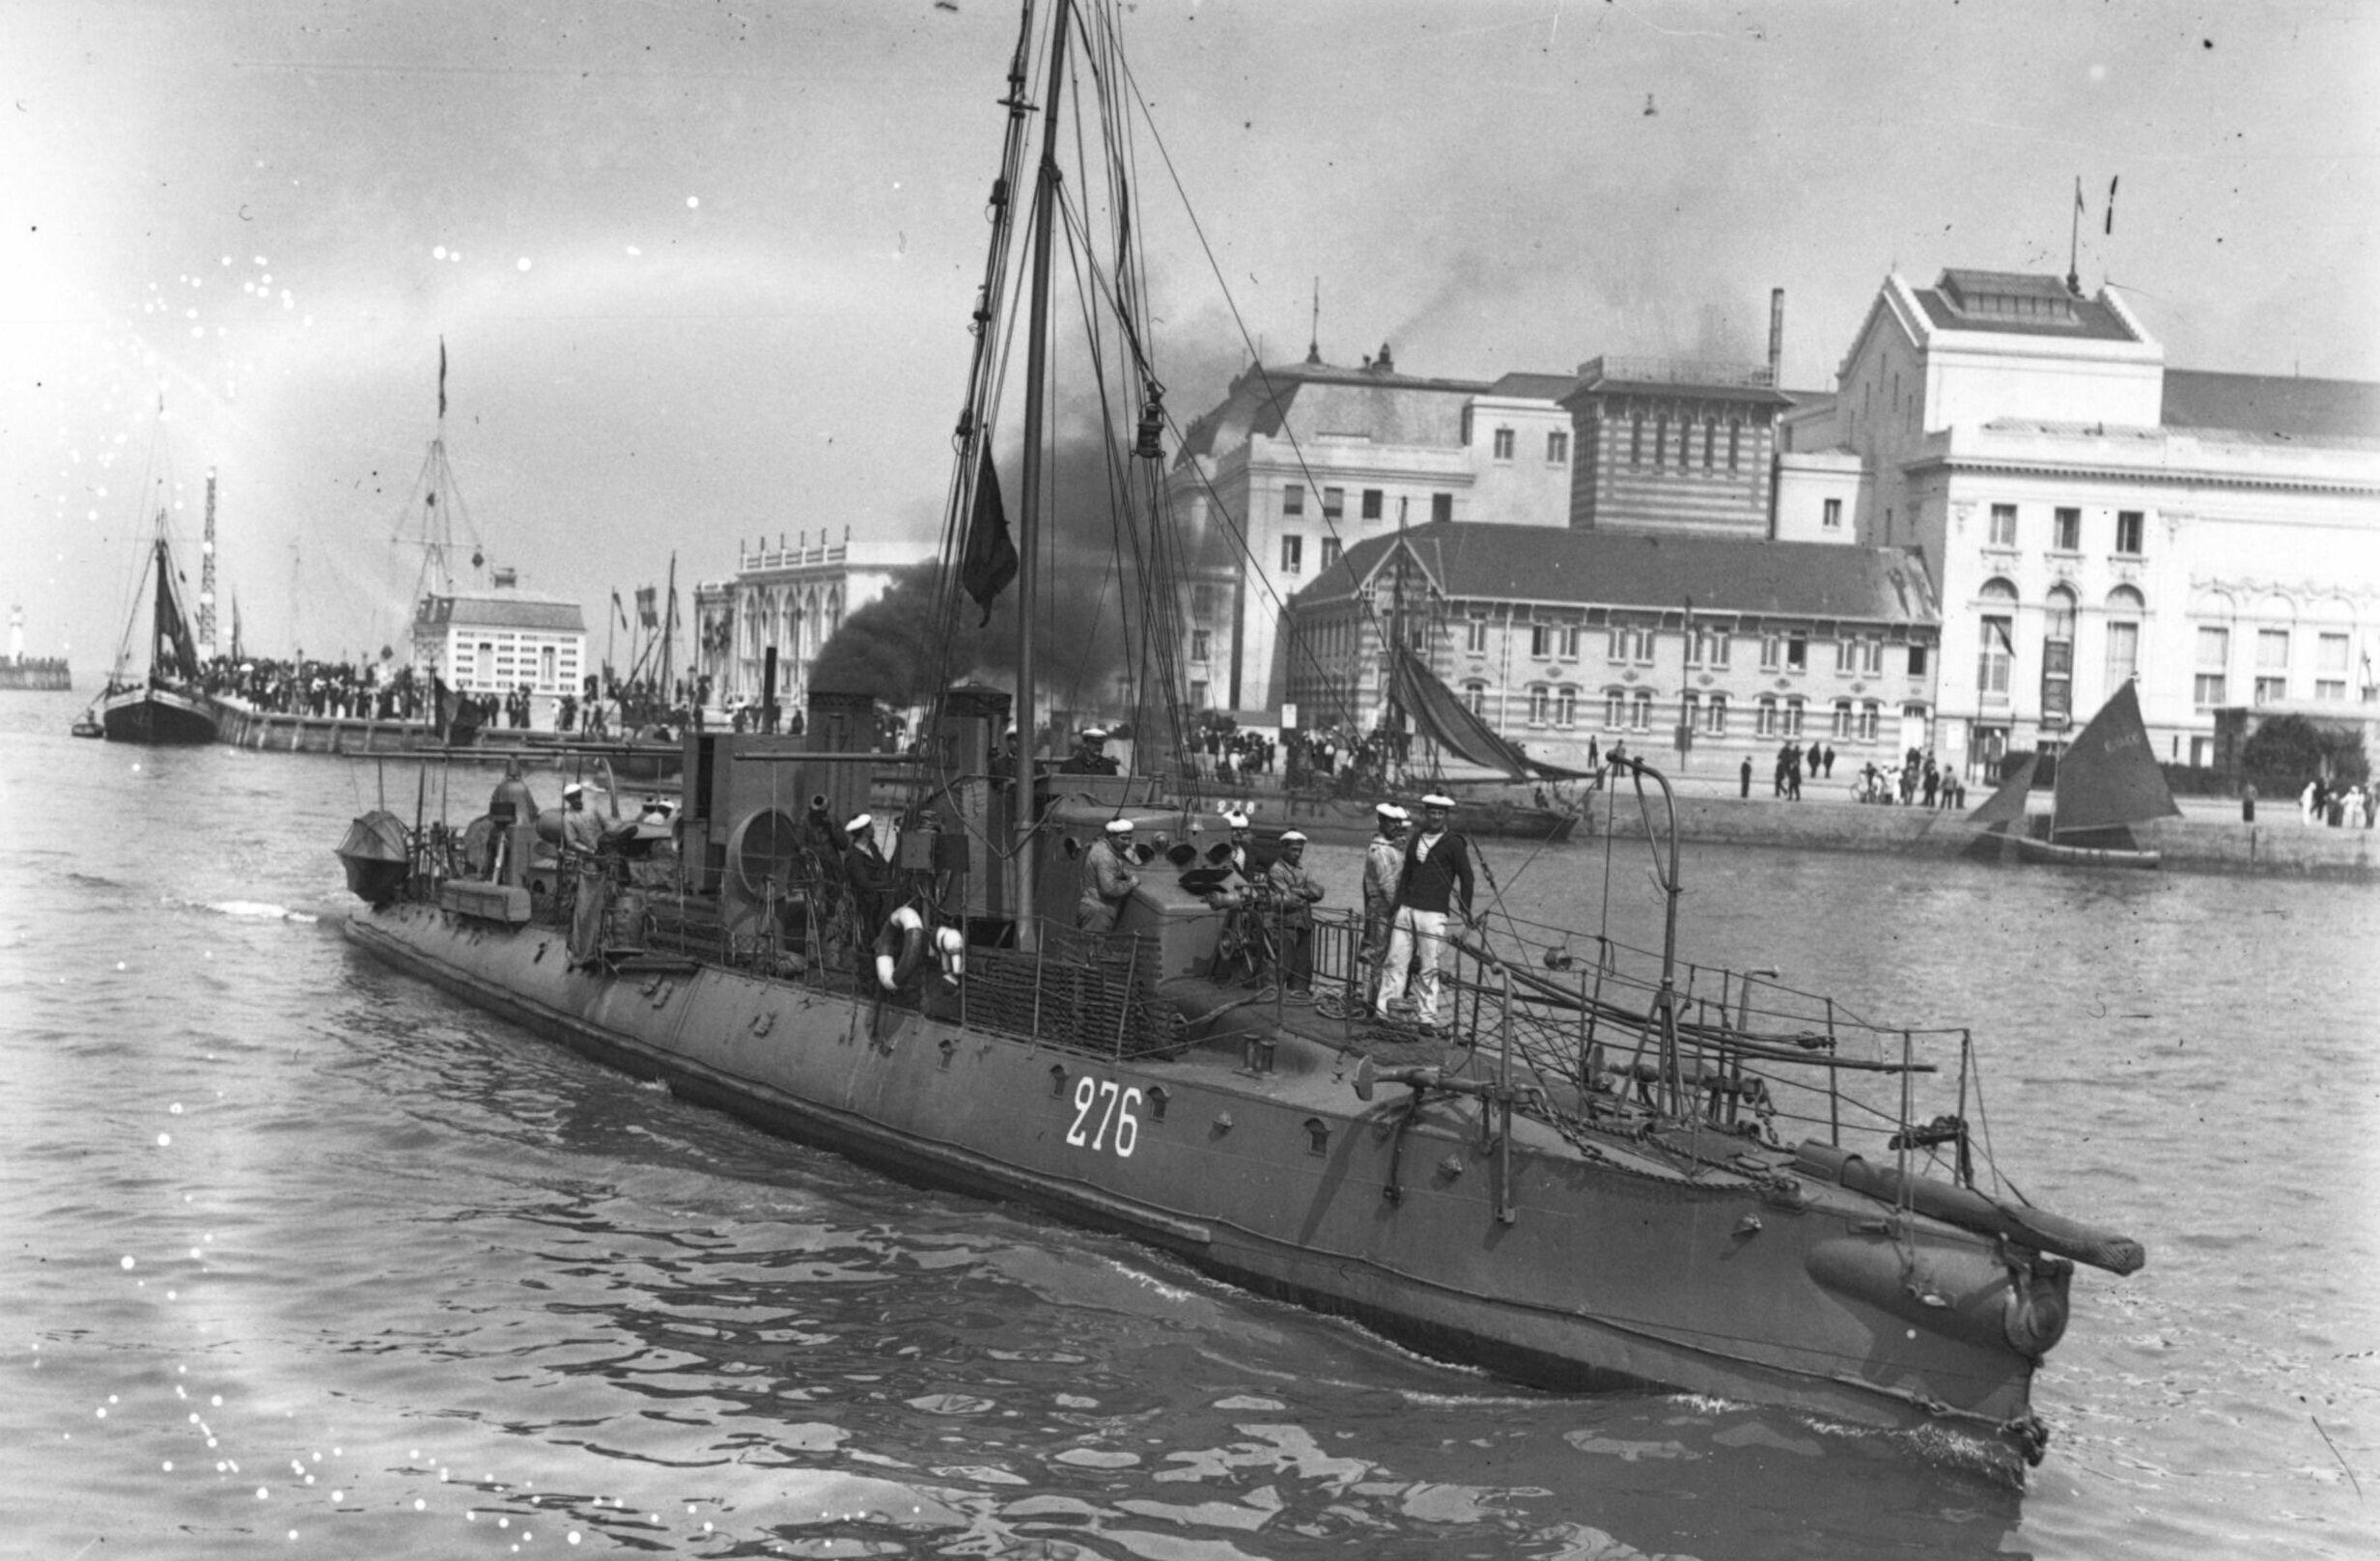 Quizz bateaux et histoire navale - Page 38 Torpilleur_276